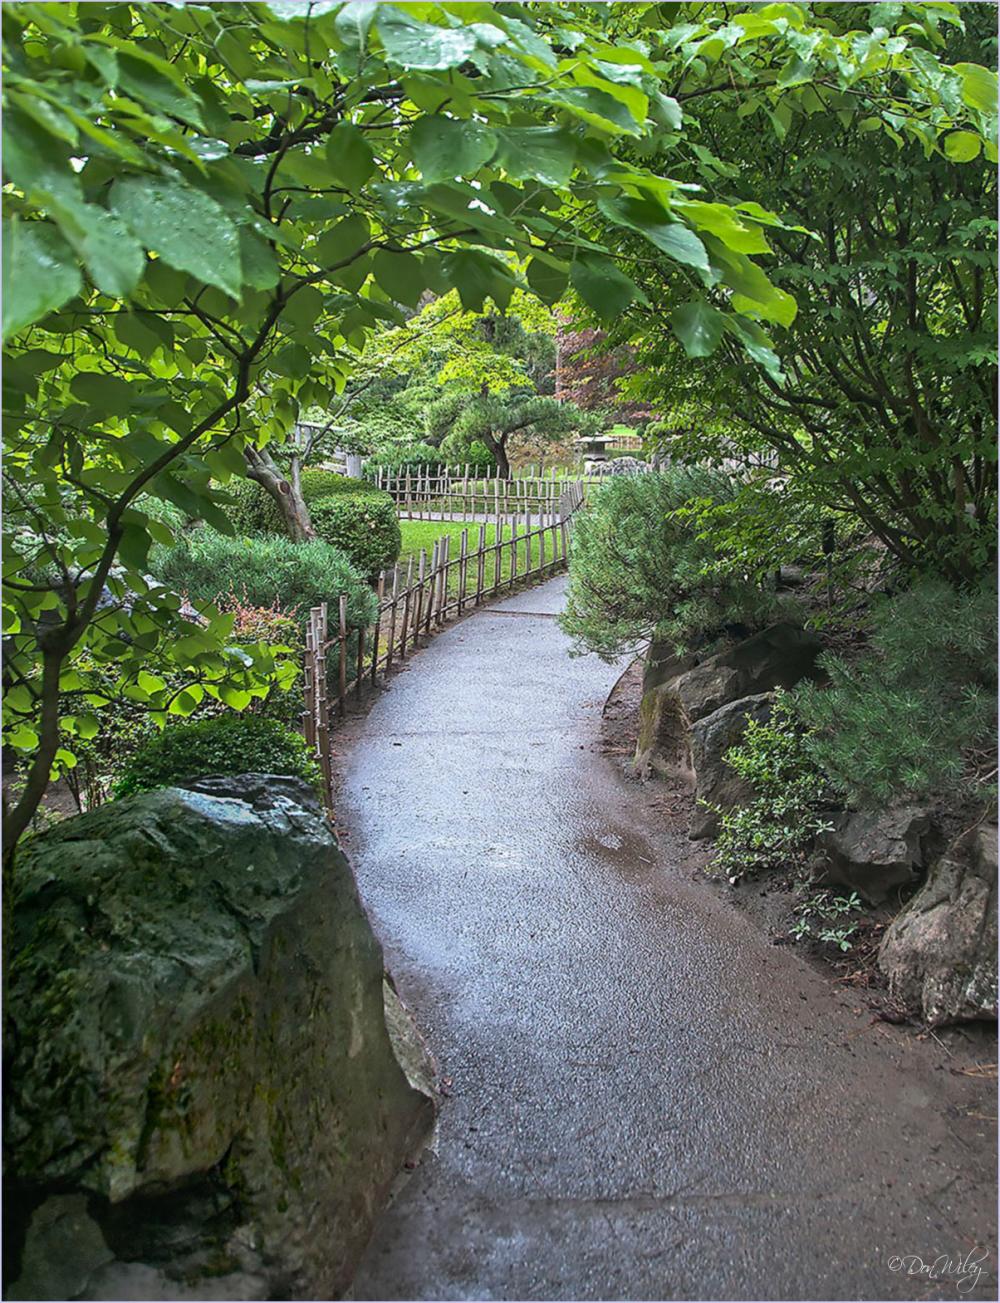 A Lush Walk